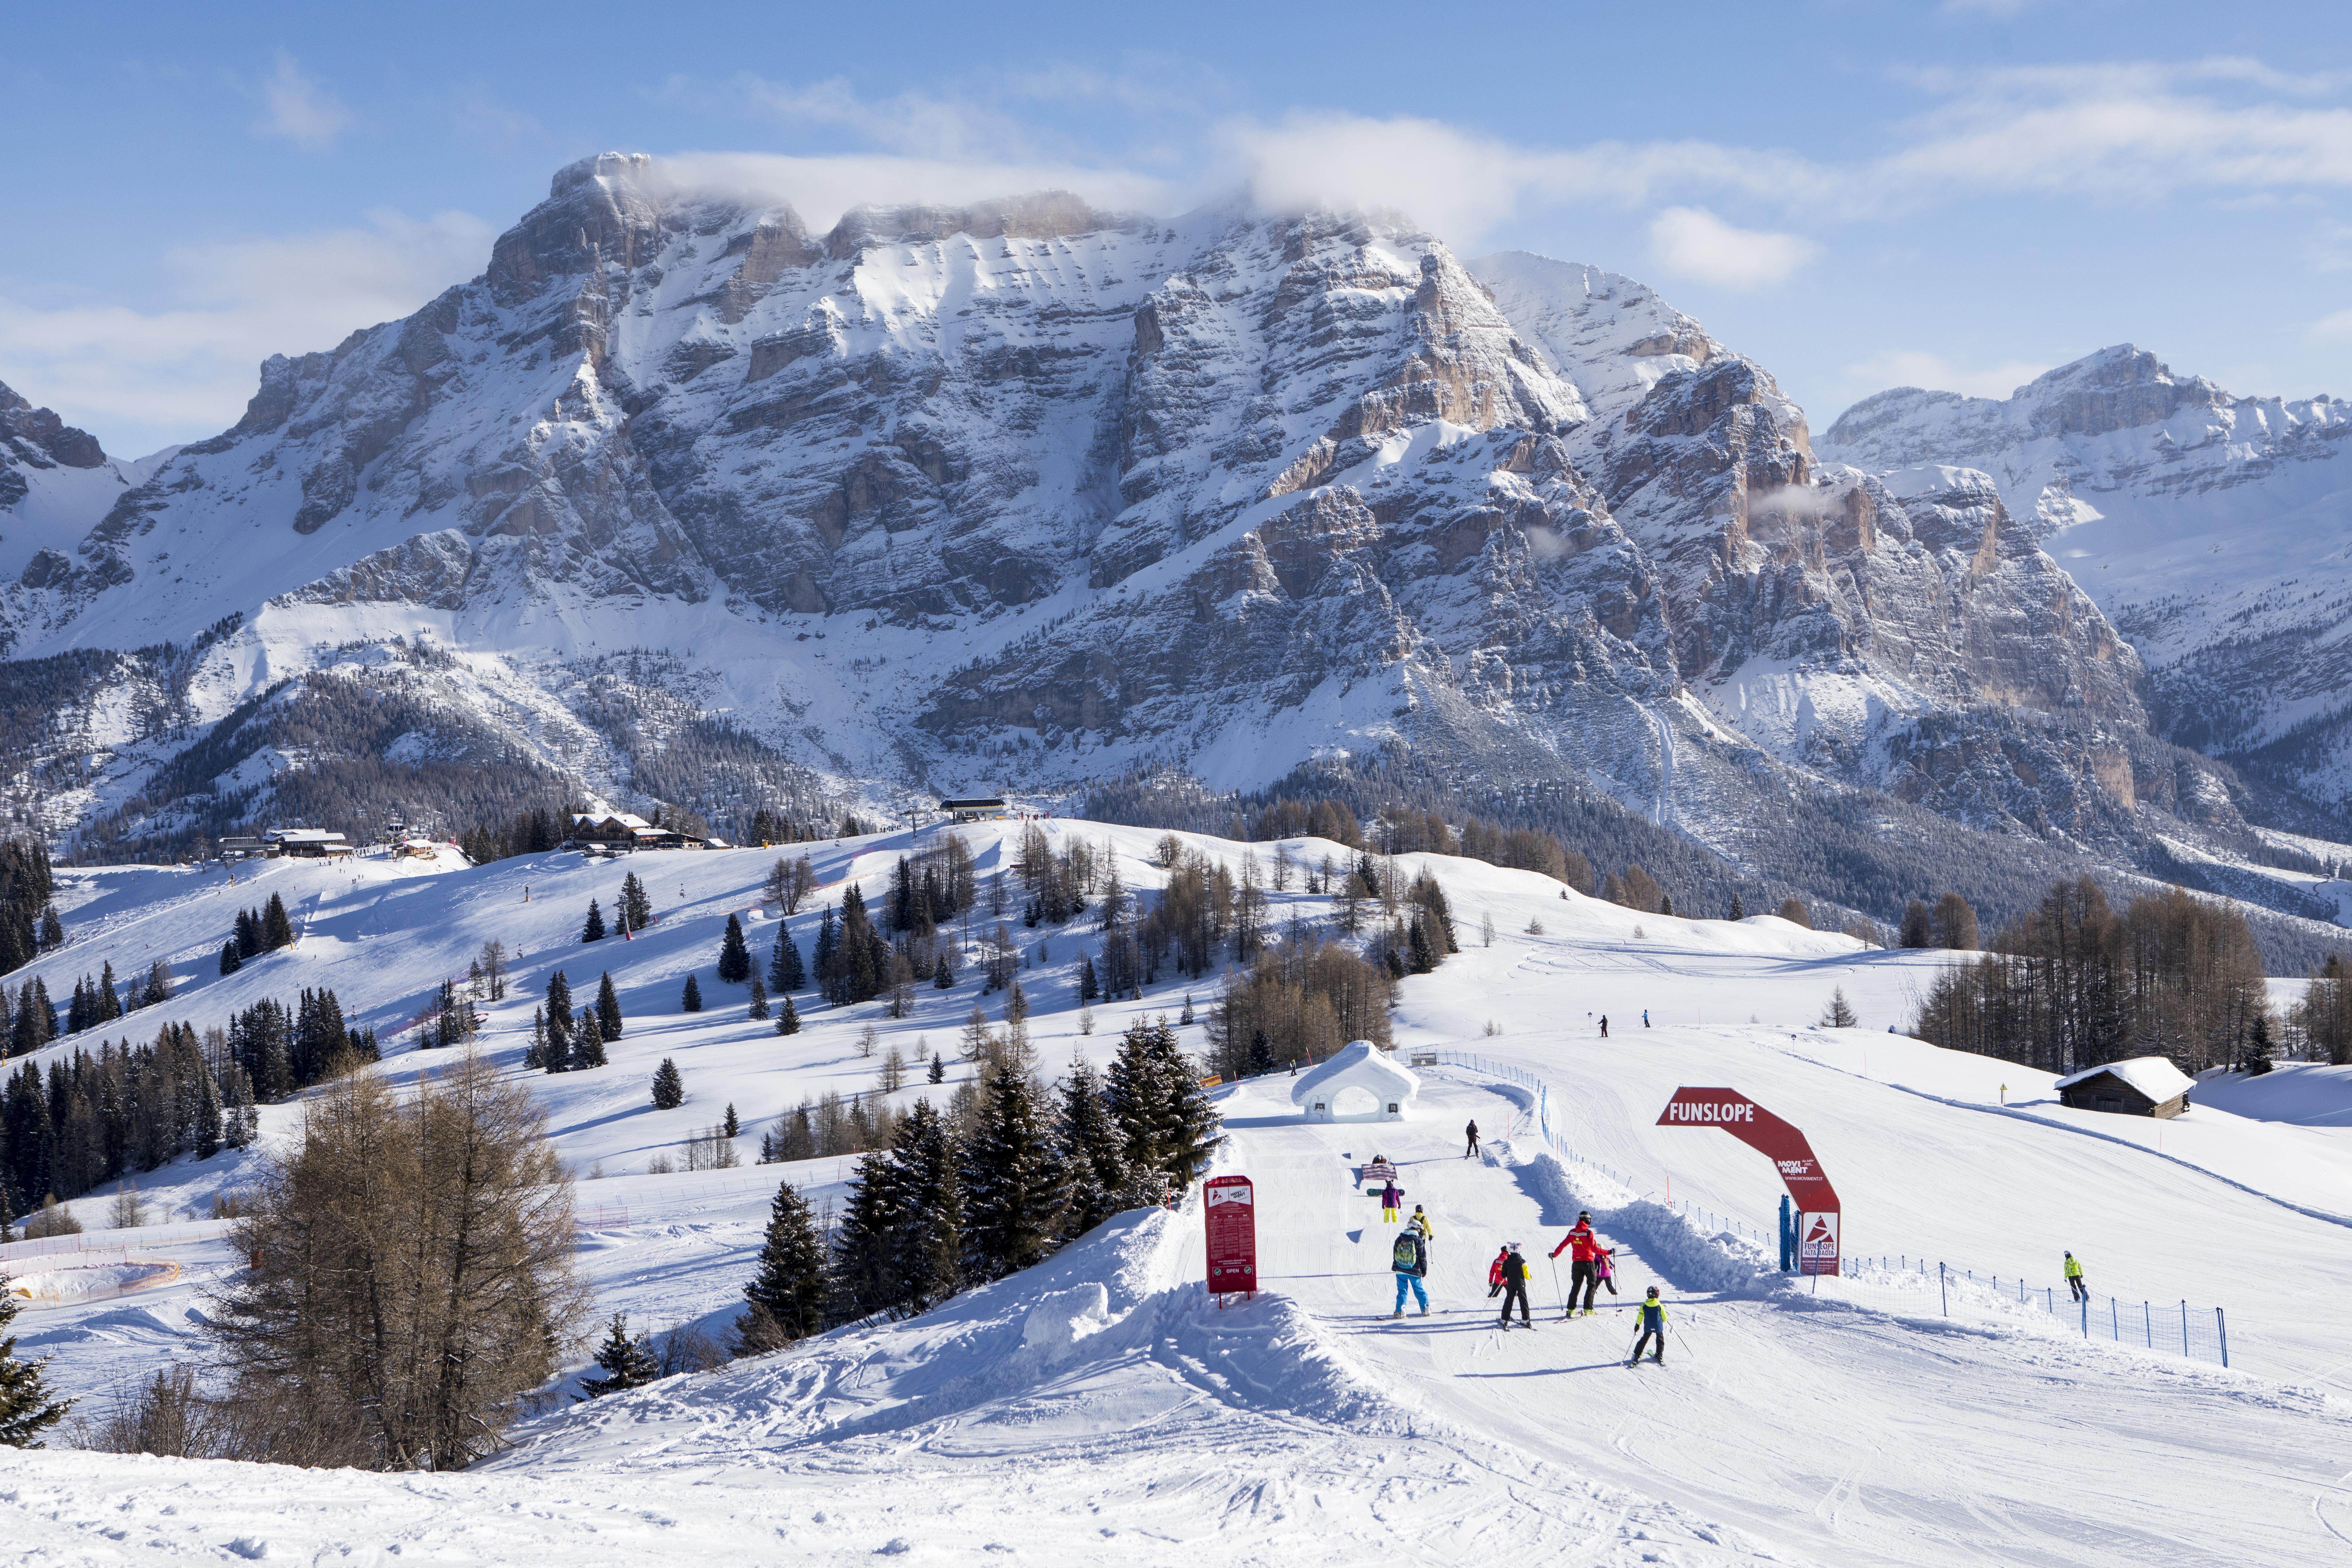 Movimënt, Alta Badia: un inverno ricco di novità e adrenalina